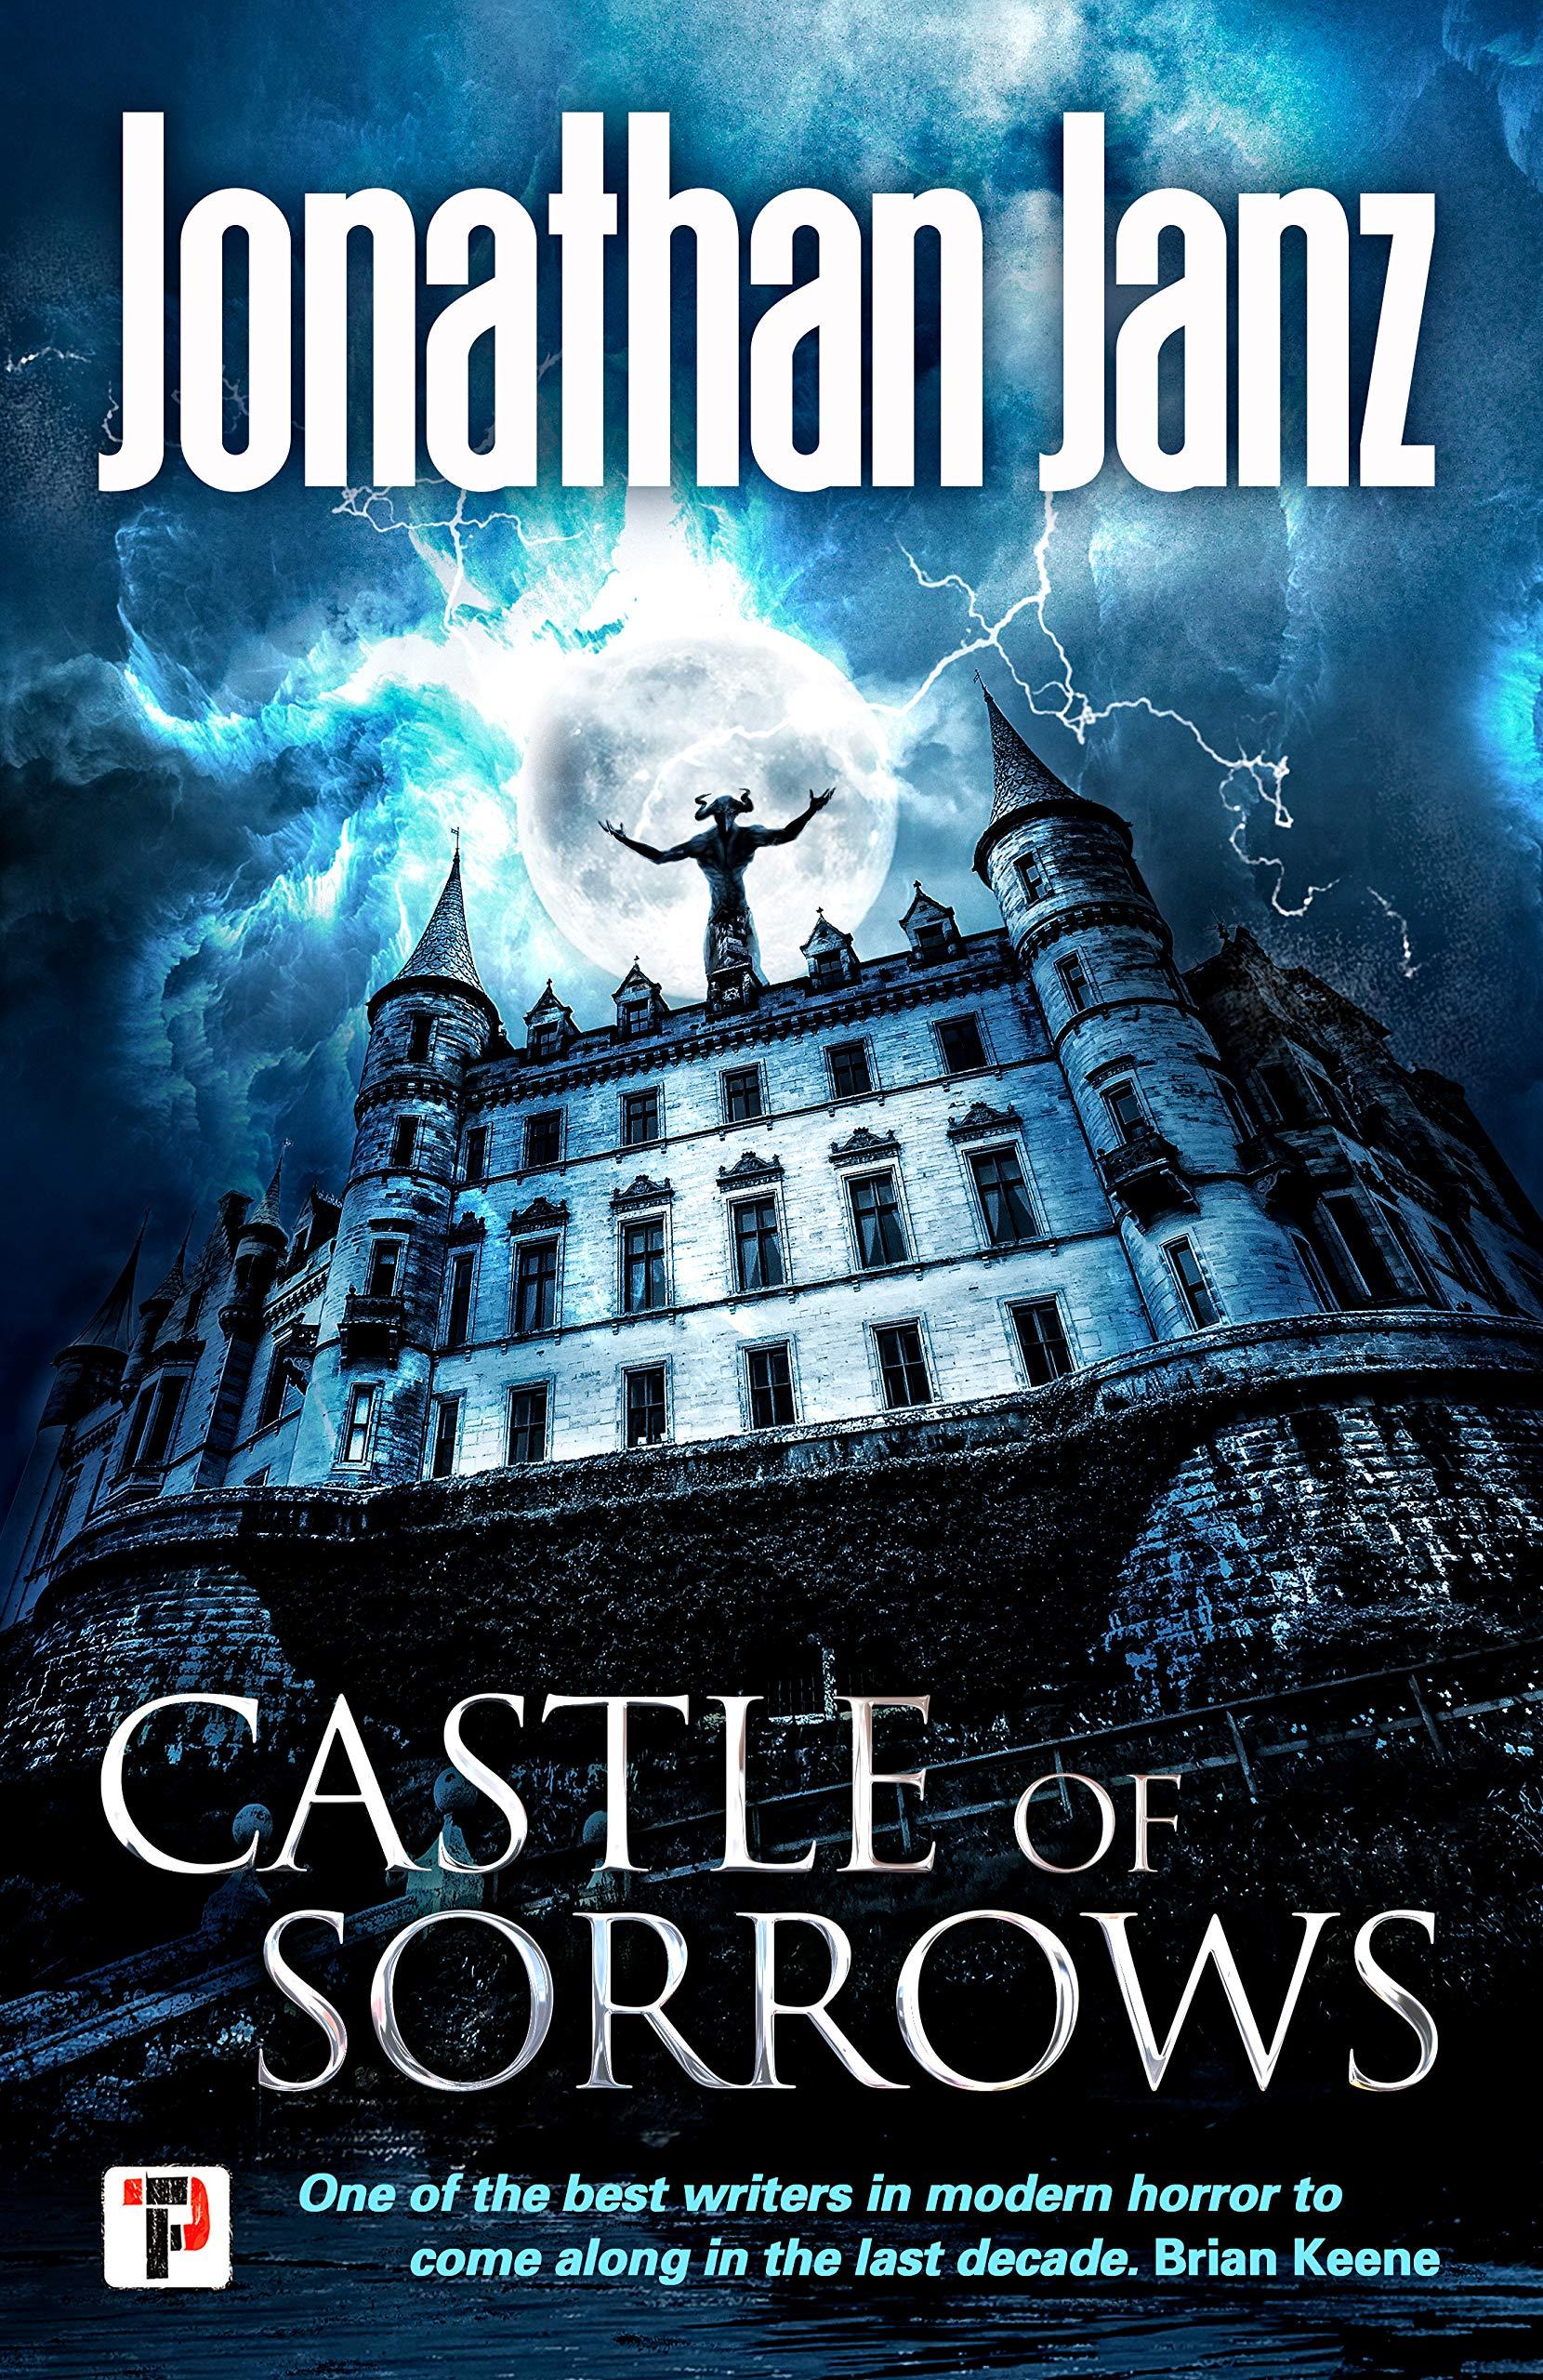 Castle of Sorrows_Jonathan Janz.jpg